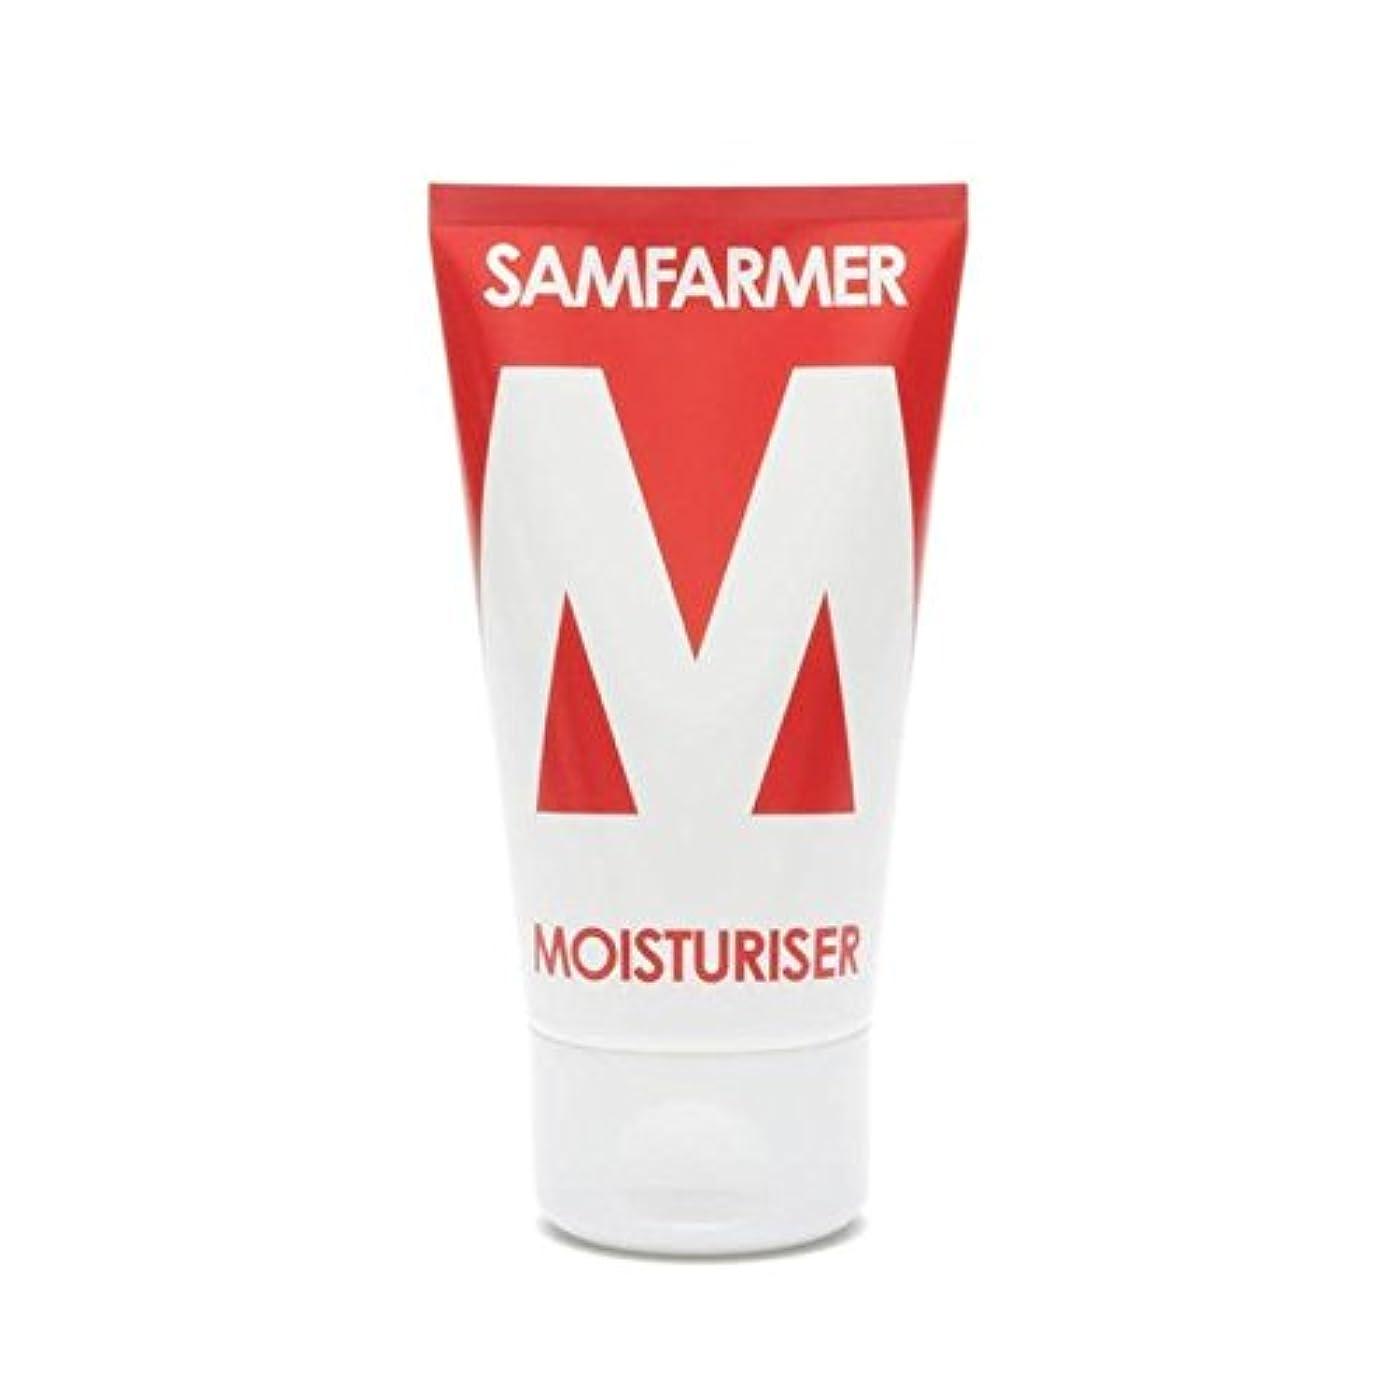 主要な民主主義カバレッジユニセックス保湿50ミリリットル x4 - SAMFARMER Unisex Moisturiser 50ml (Pack of 4) [並行輸入品]